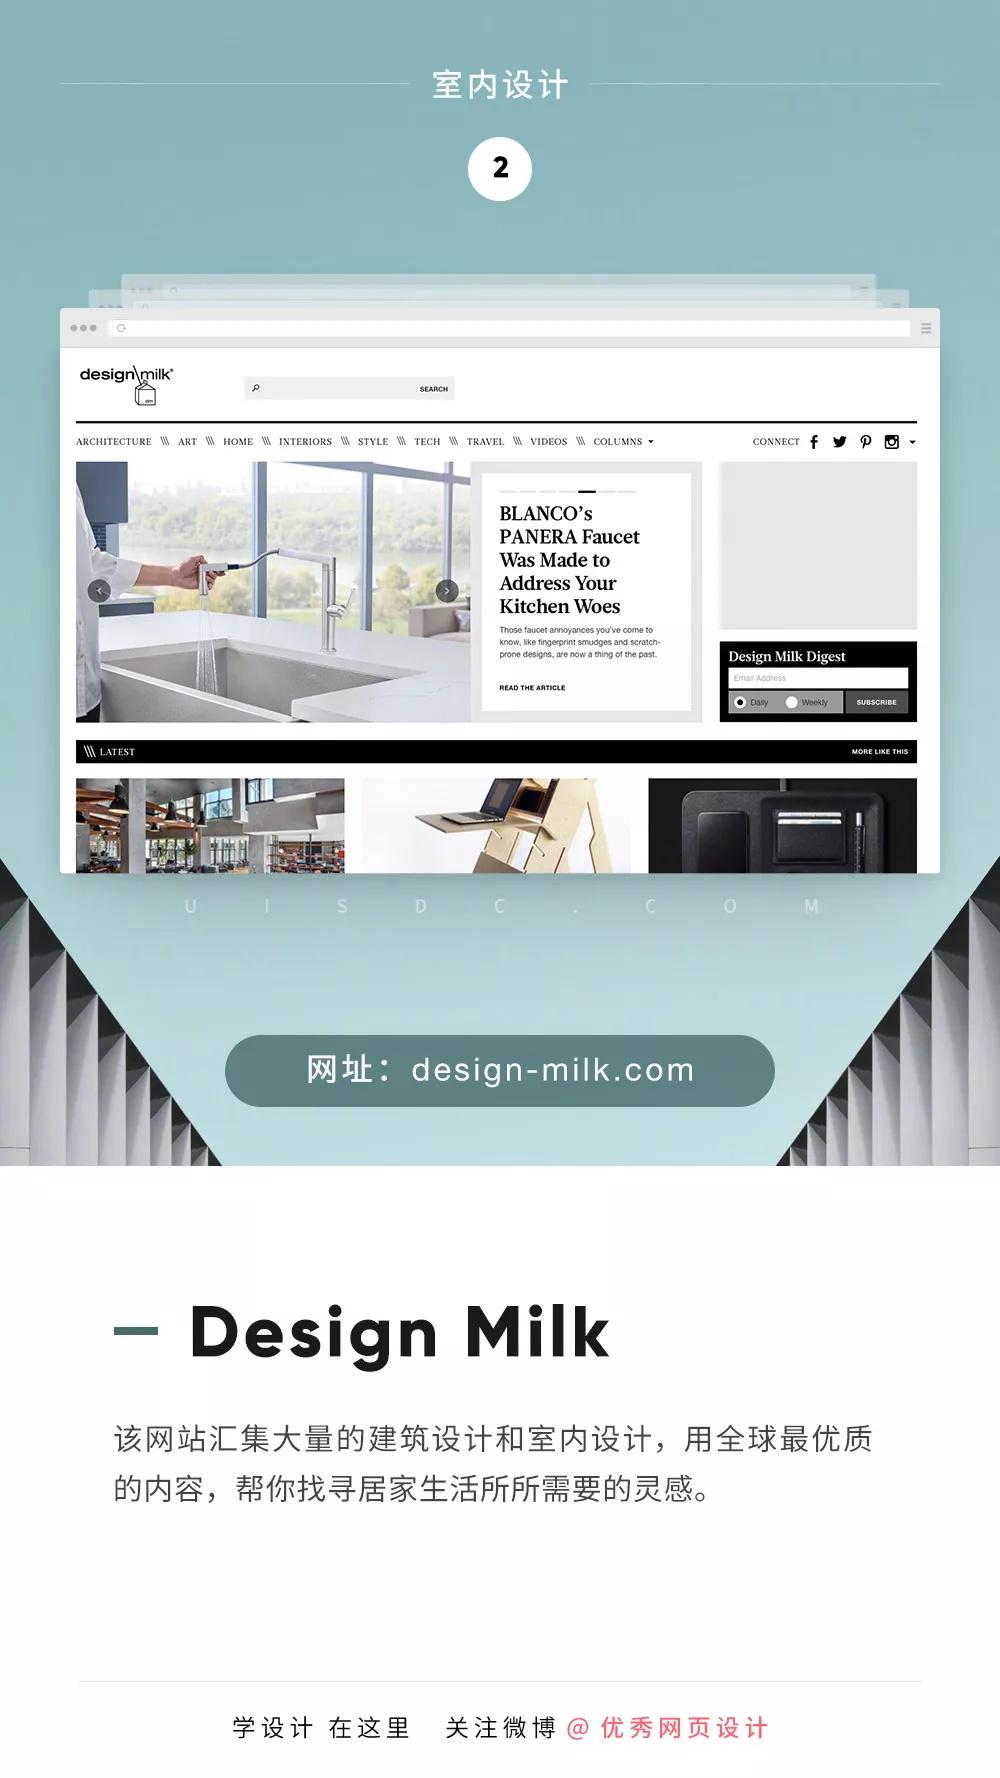 参考这9个室内设计灵感网站,自己也能搞定效果图!